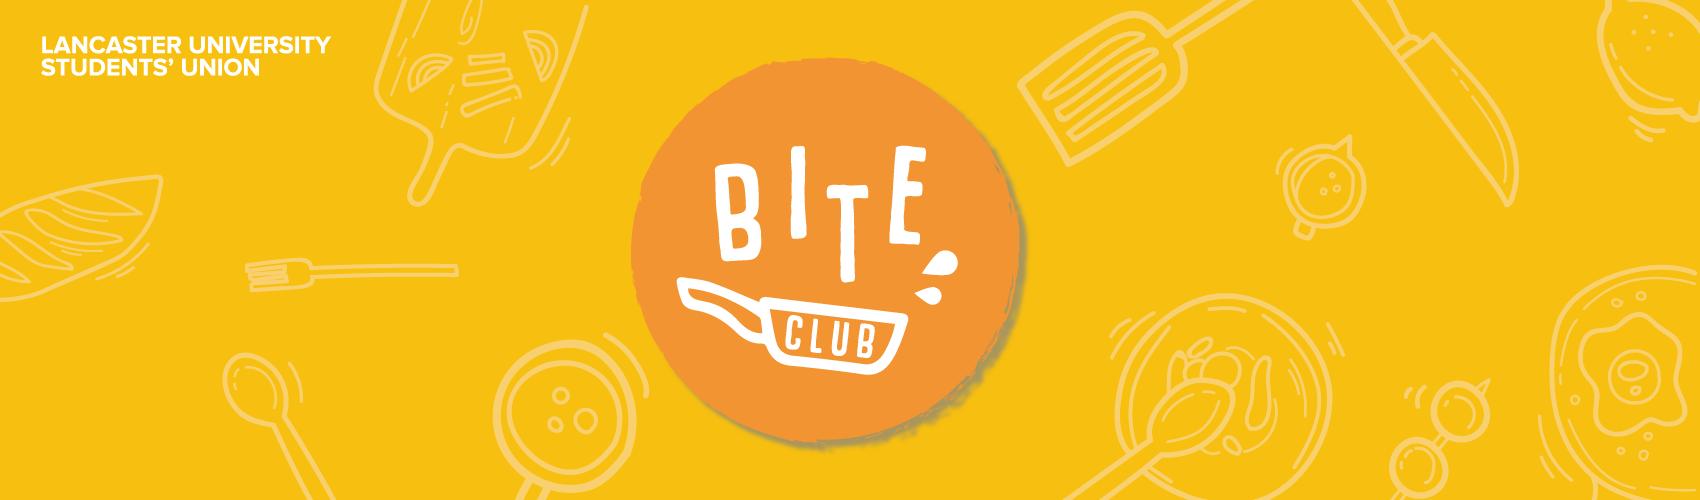 Biteclub banner